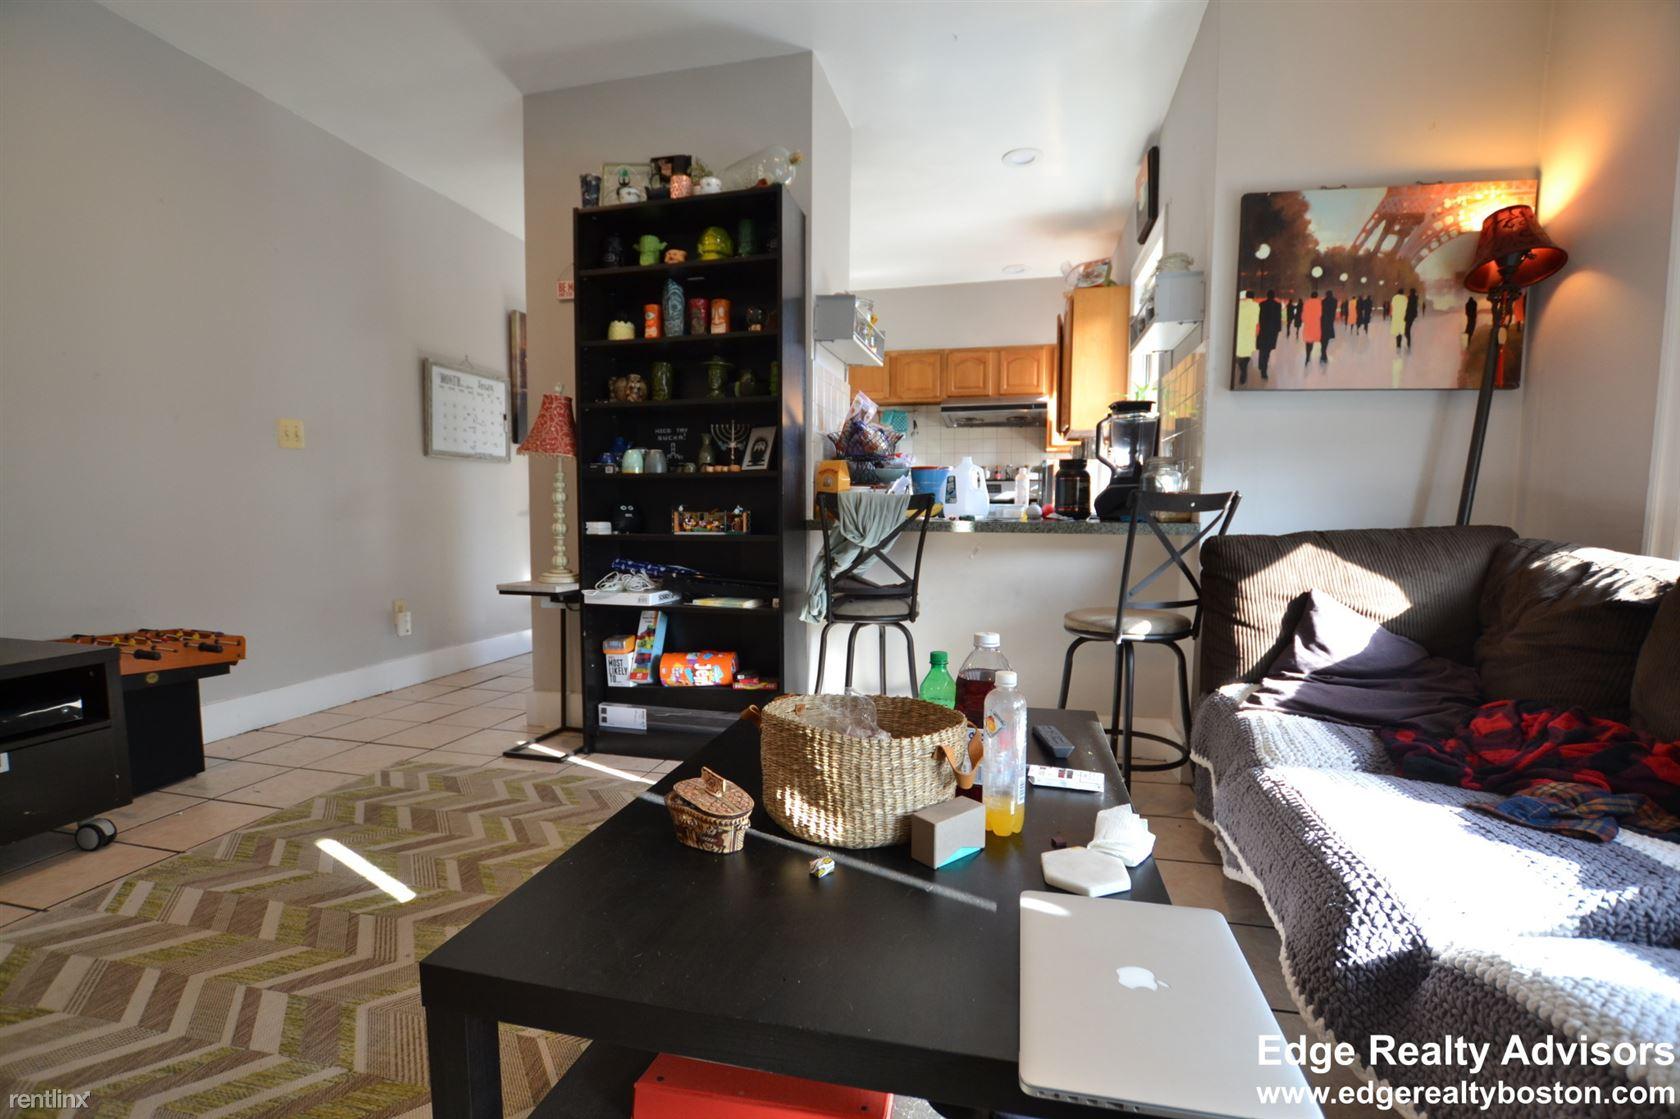 66 Quint Ave # 2, Allston, MA - $6,000